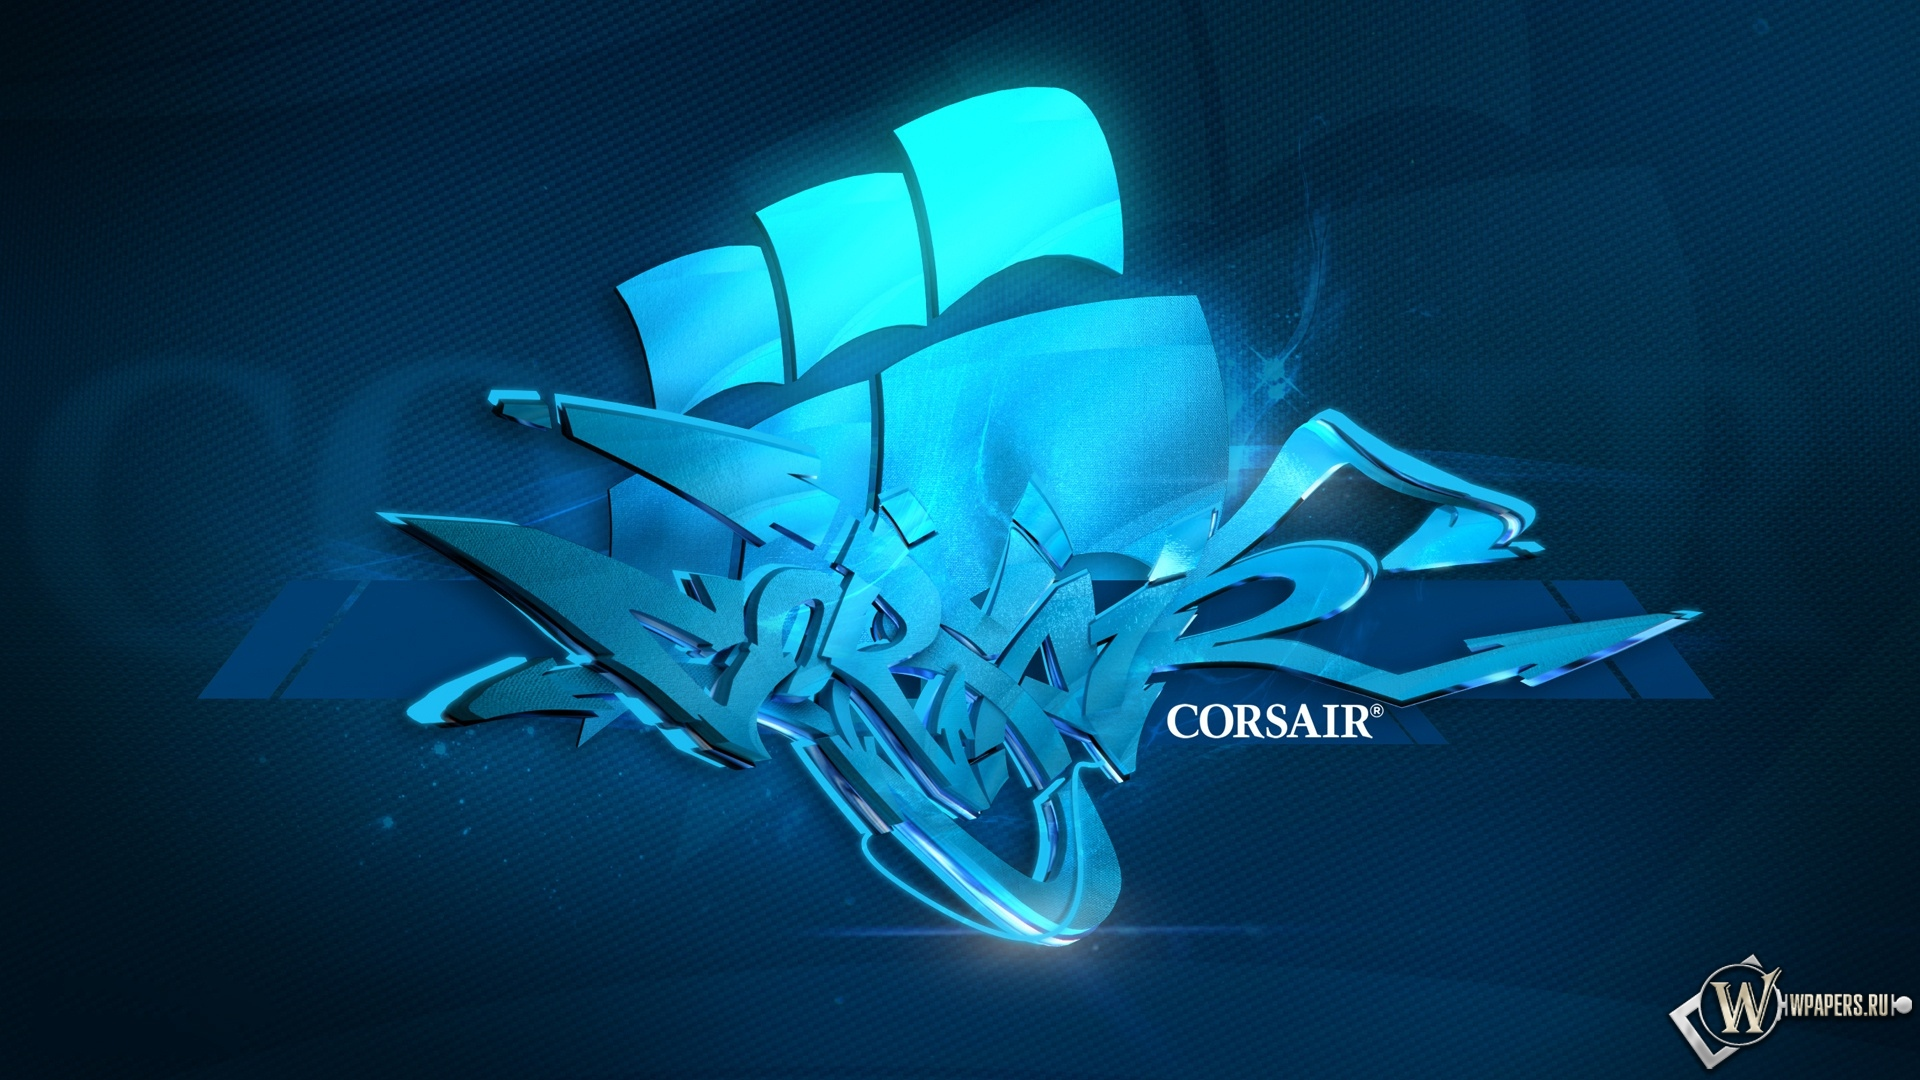 Corsair 1920x1080